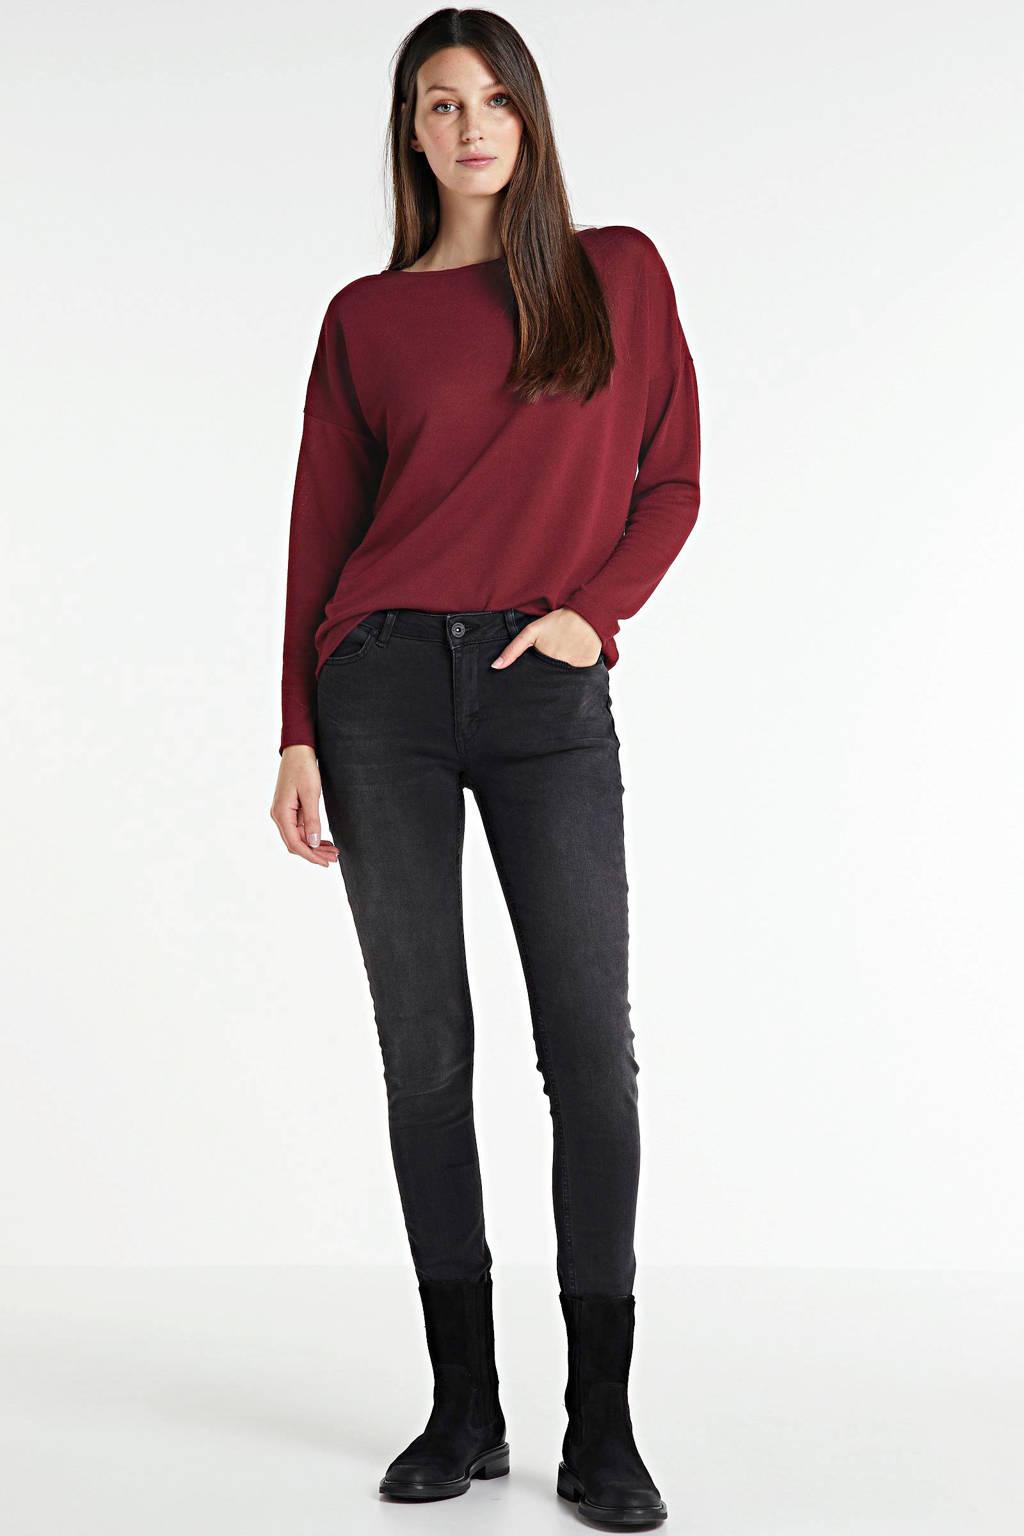 anytime fijngebreide trui rood, Donkerrood